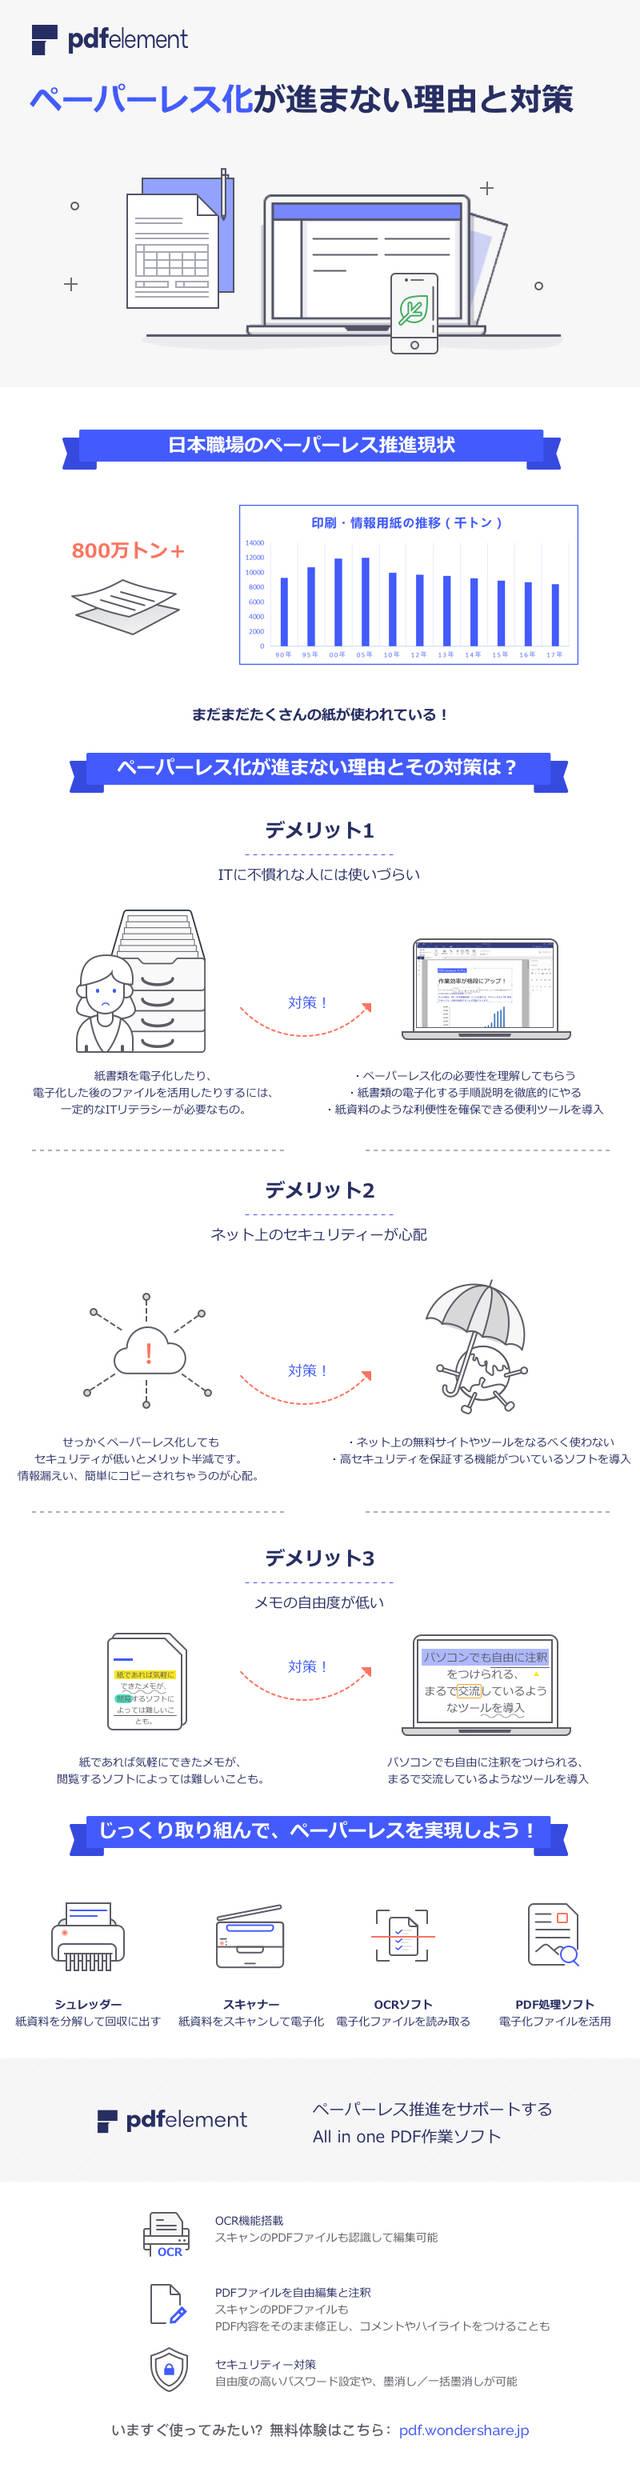 Go paperless jp2mdpi